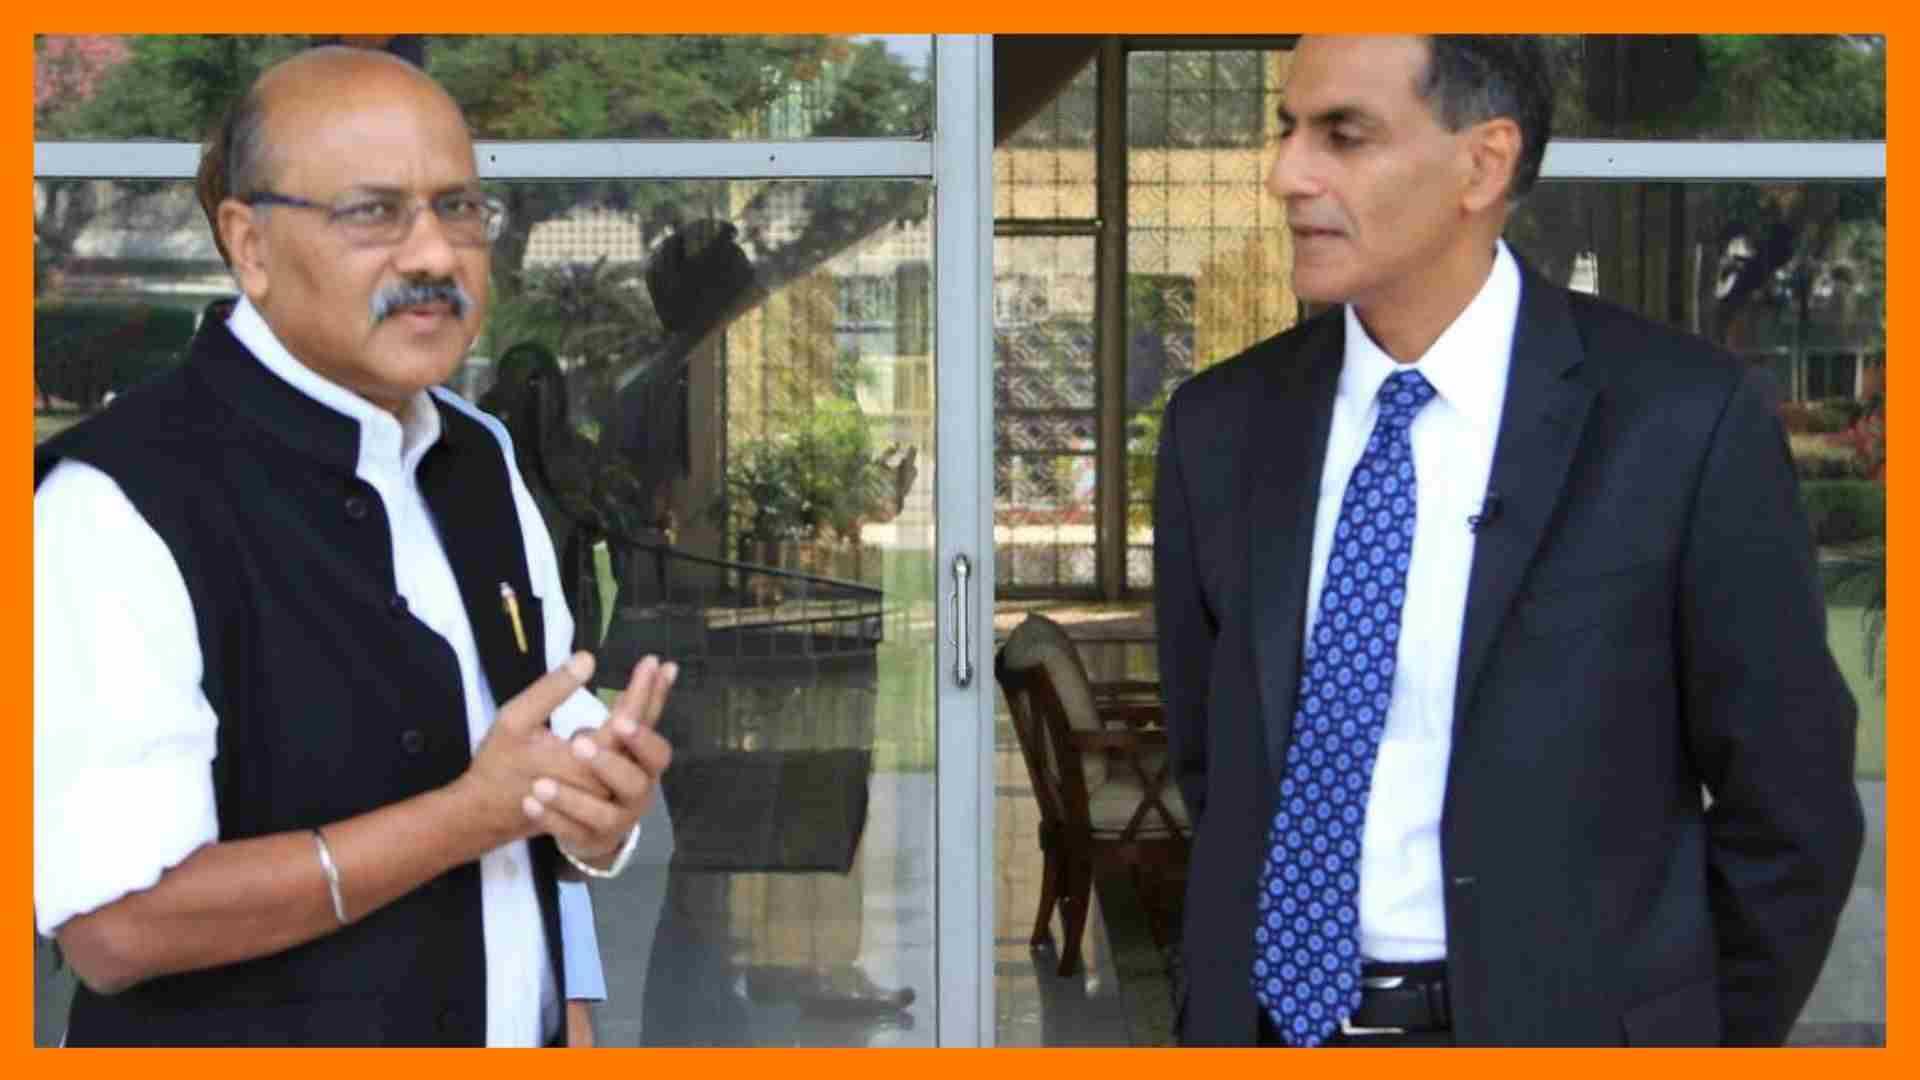 Shekhar Gupta with Richard Verma in Walk the Talk show